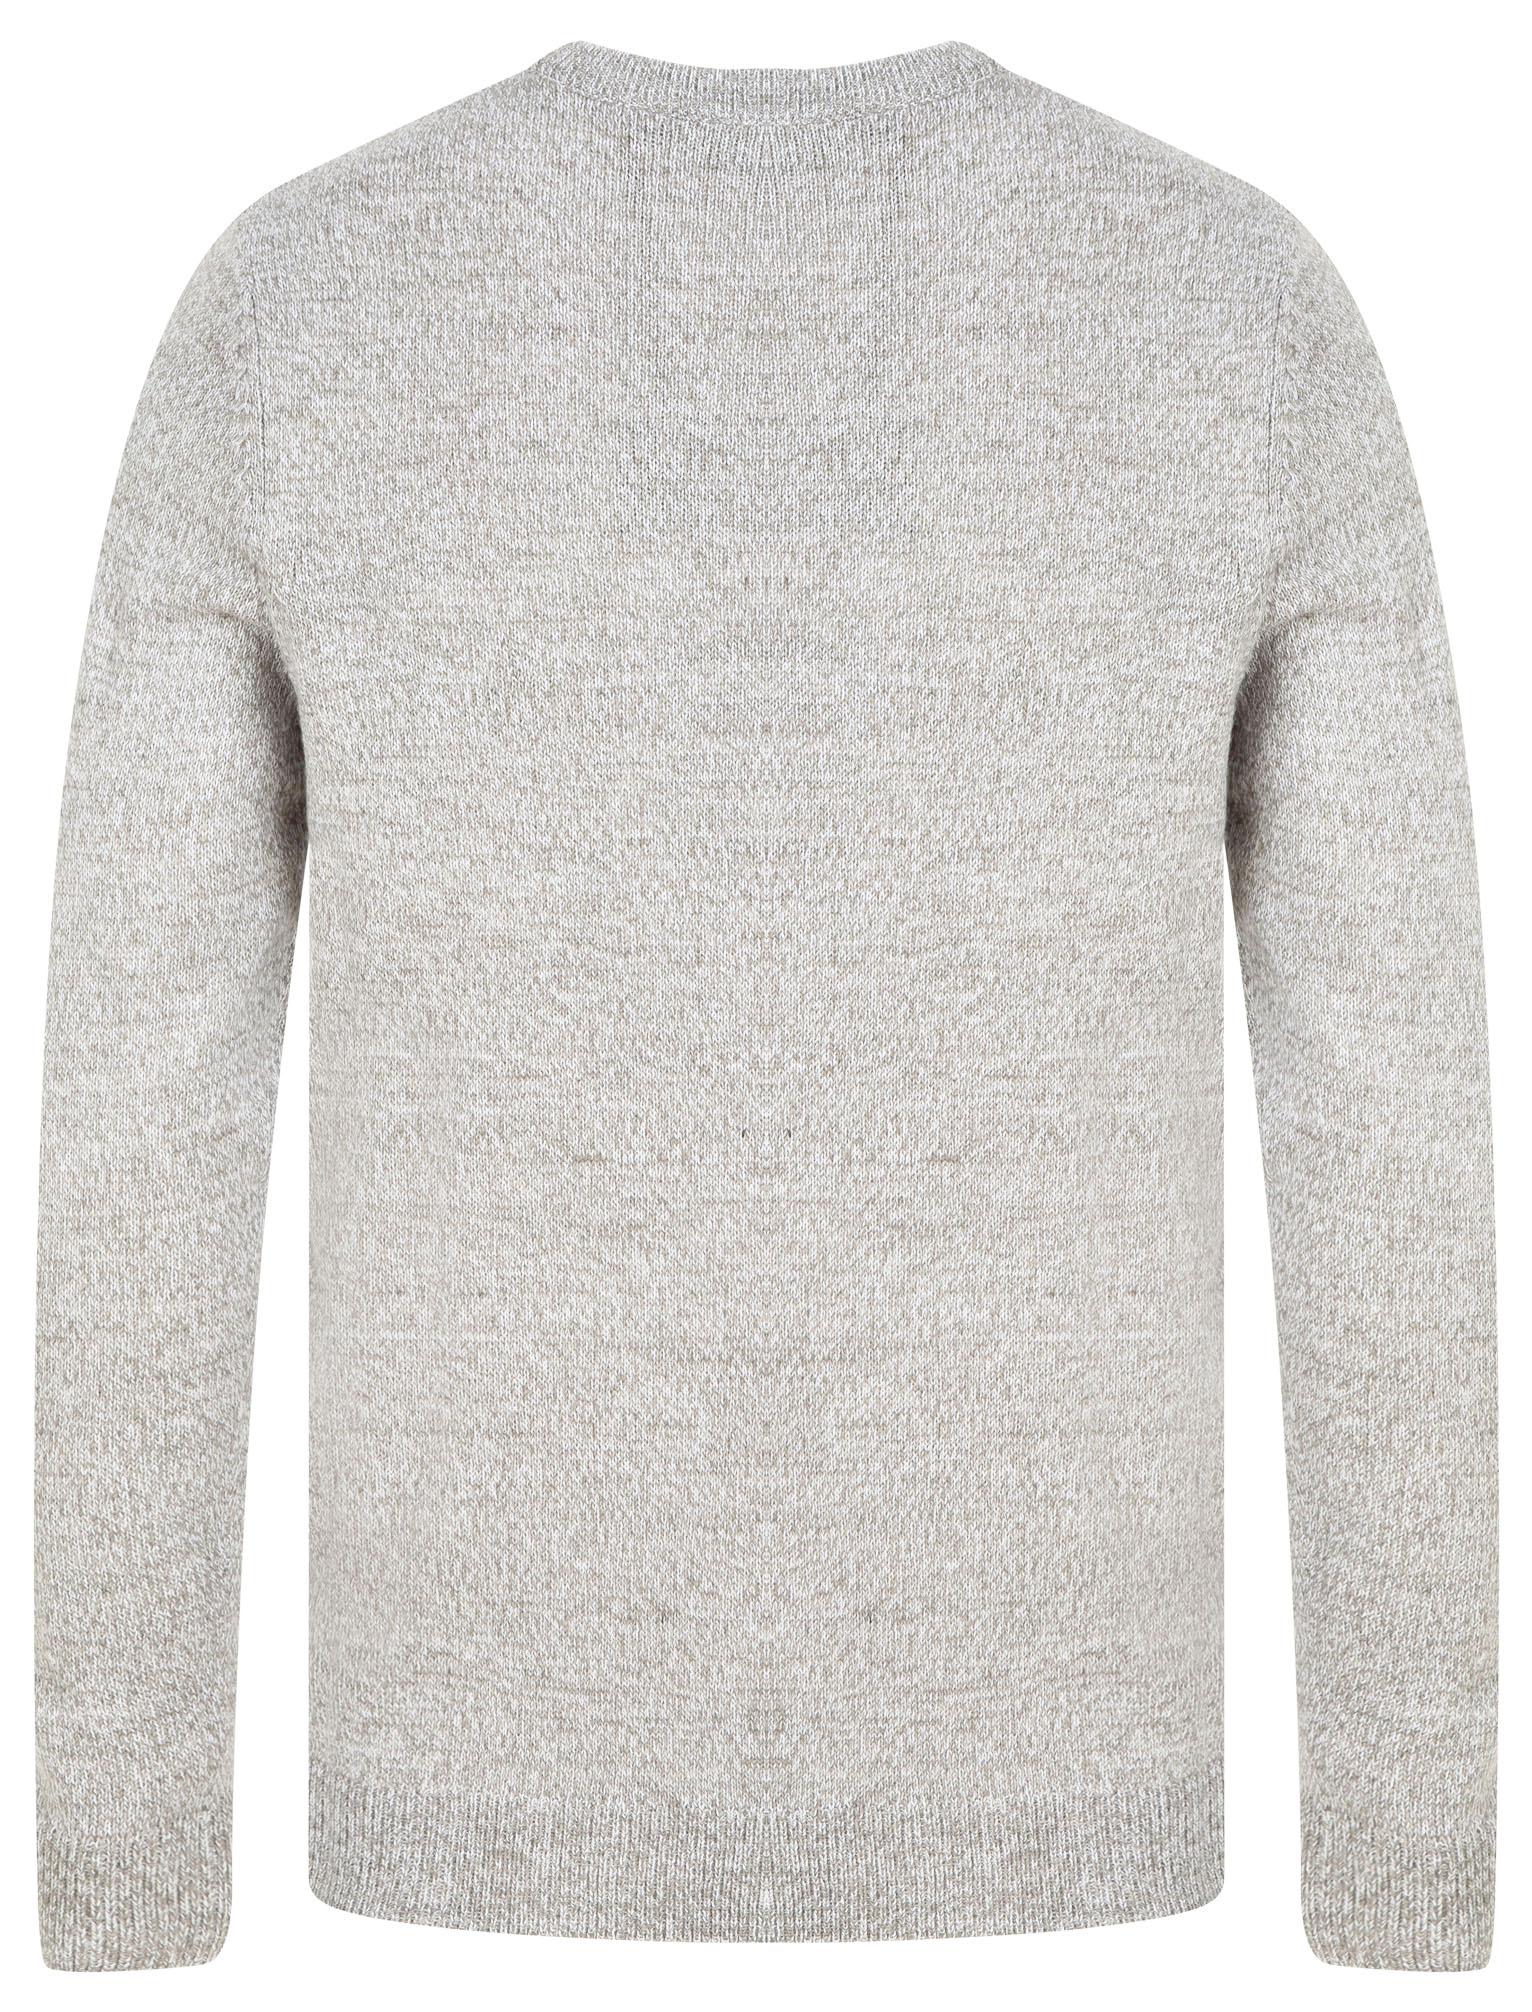 Kensington-Eastside-Men-039-s-Knitted-Crew-or-V-Neck-Jumper-Sweater-Top-Pullover thumbnail 94